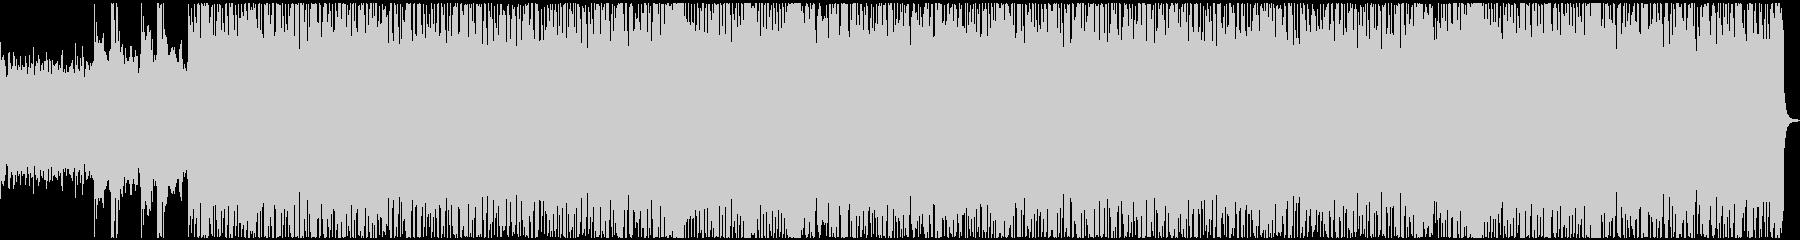 ヘヴィリフがイカツイ重量級のBGMの未再生の波形